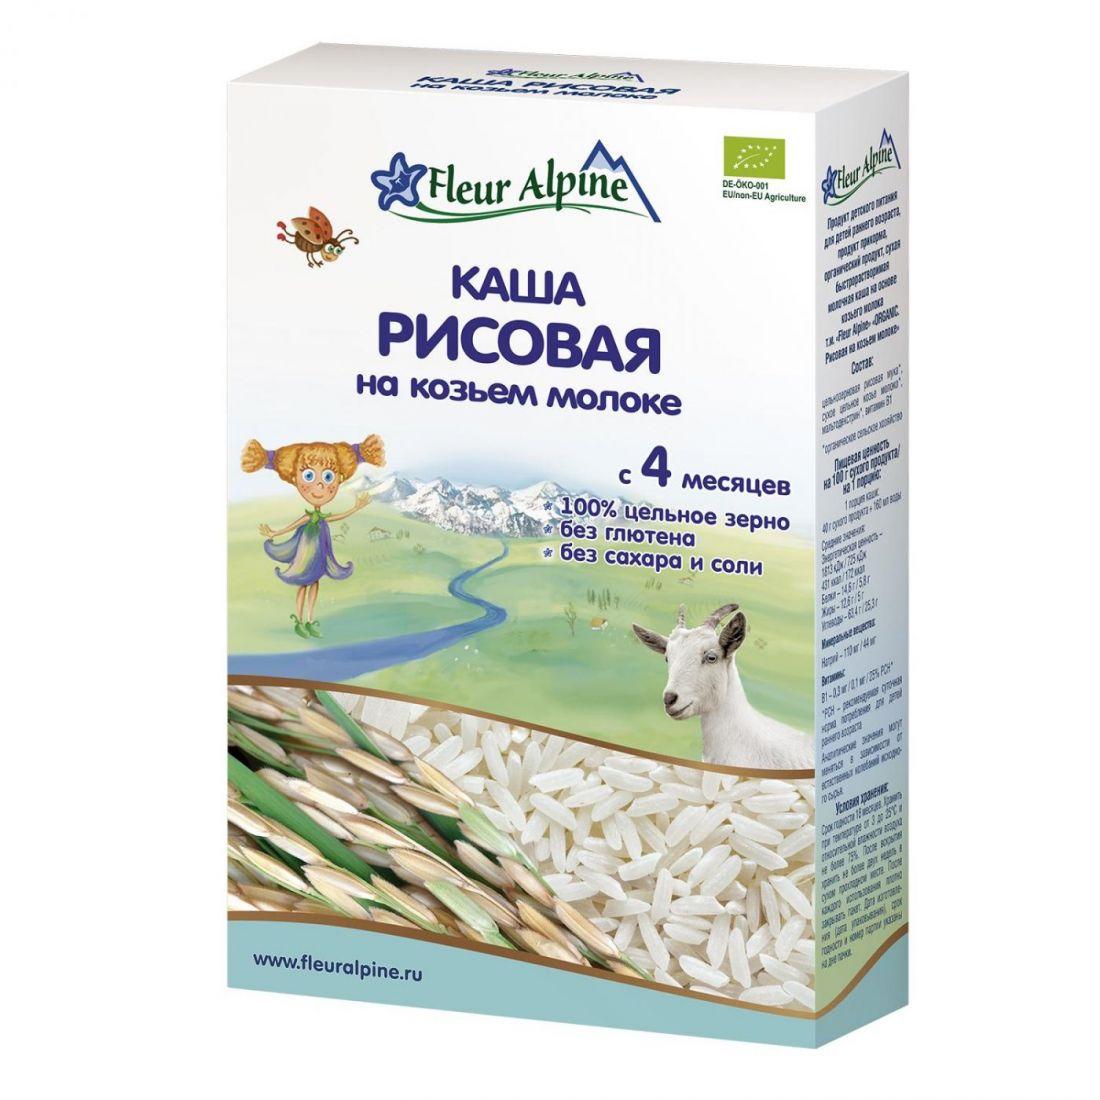 Флёр Альпин - каша на козьем молоке Органик рисовая, 4 мес., 200 гр.